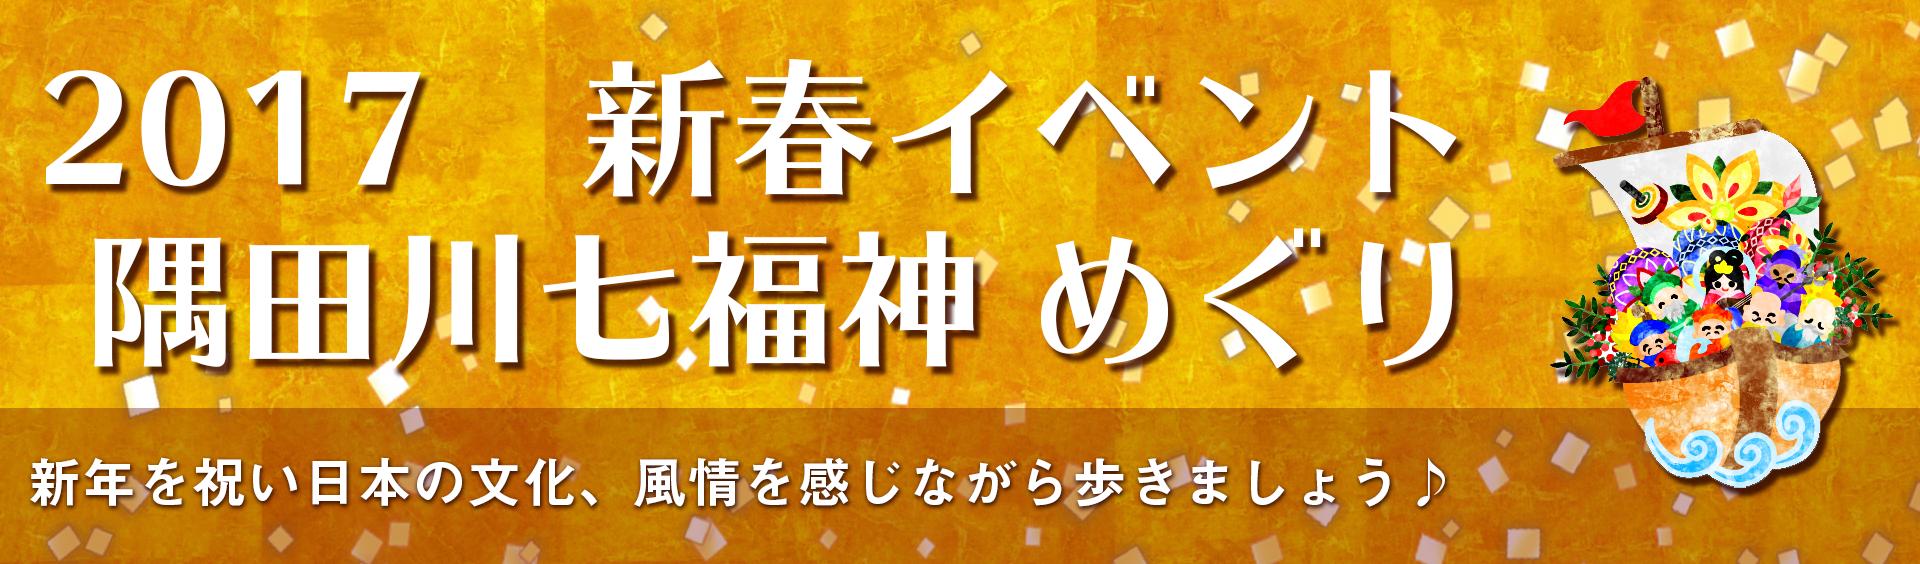 2017新春イベント:隅田川七福神めぐり